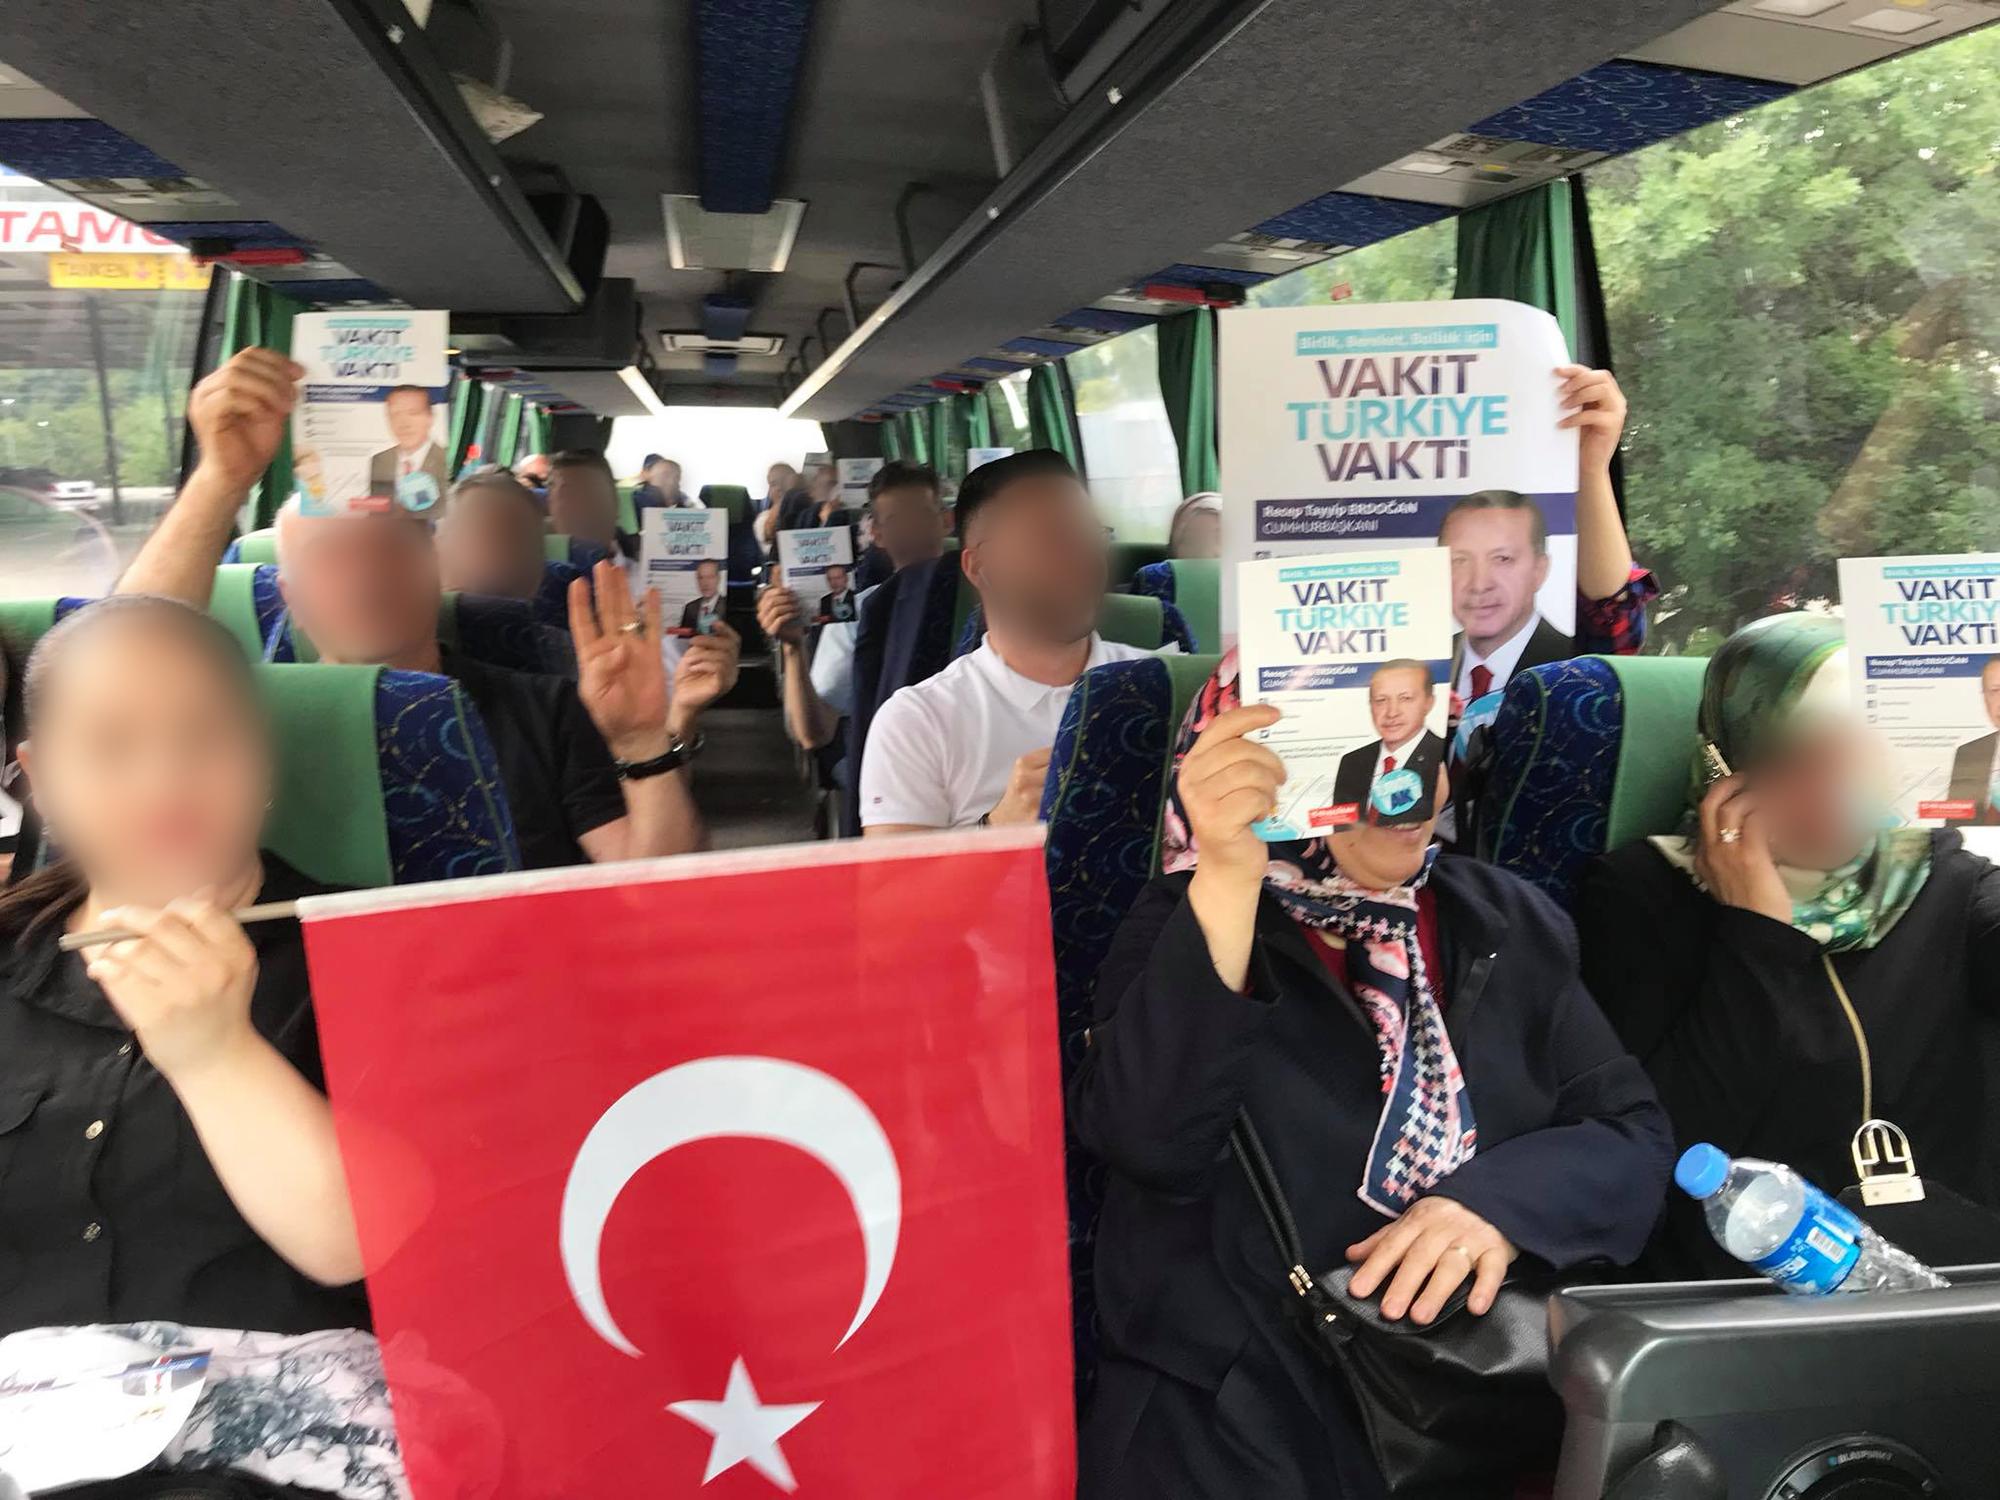 Erdogan-Fans auf dem Weg zur Stimmabgabe: Busse karrten die AKP-Anhänger aus der ganzen Schweiz an die Urnen.